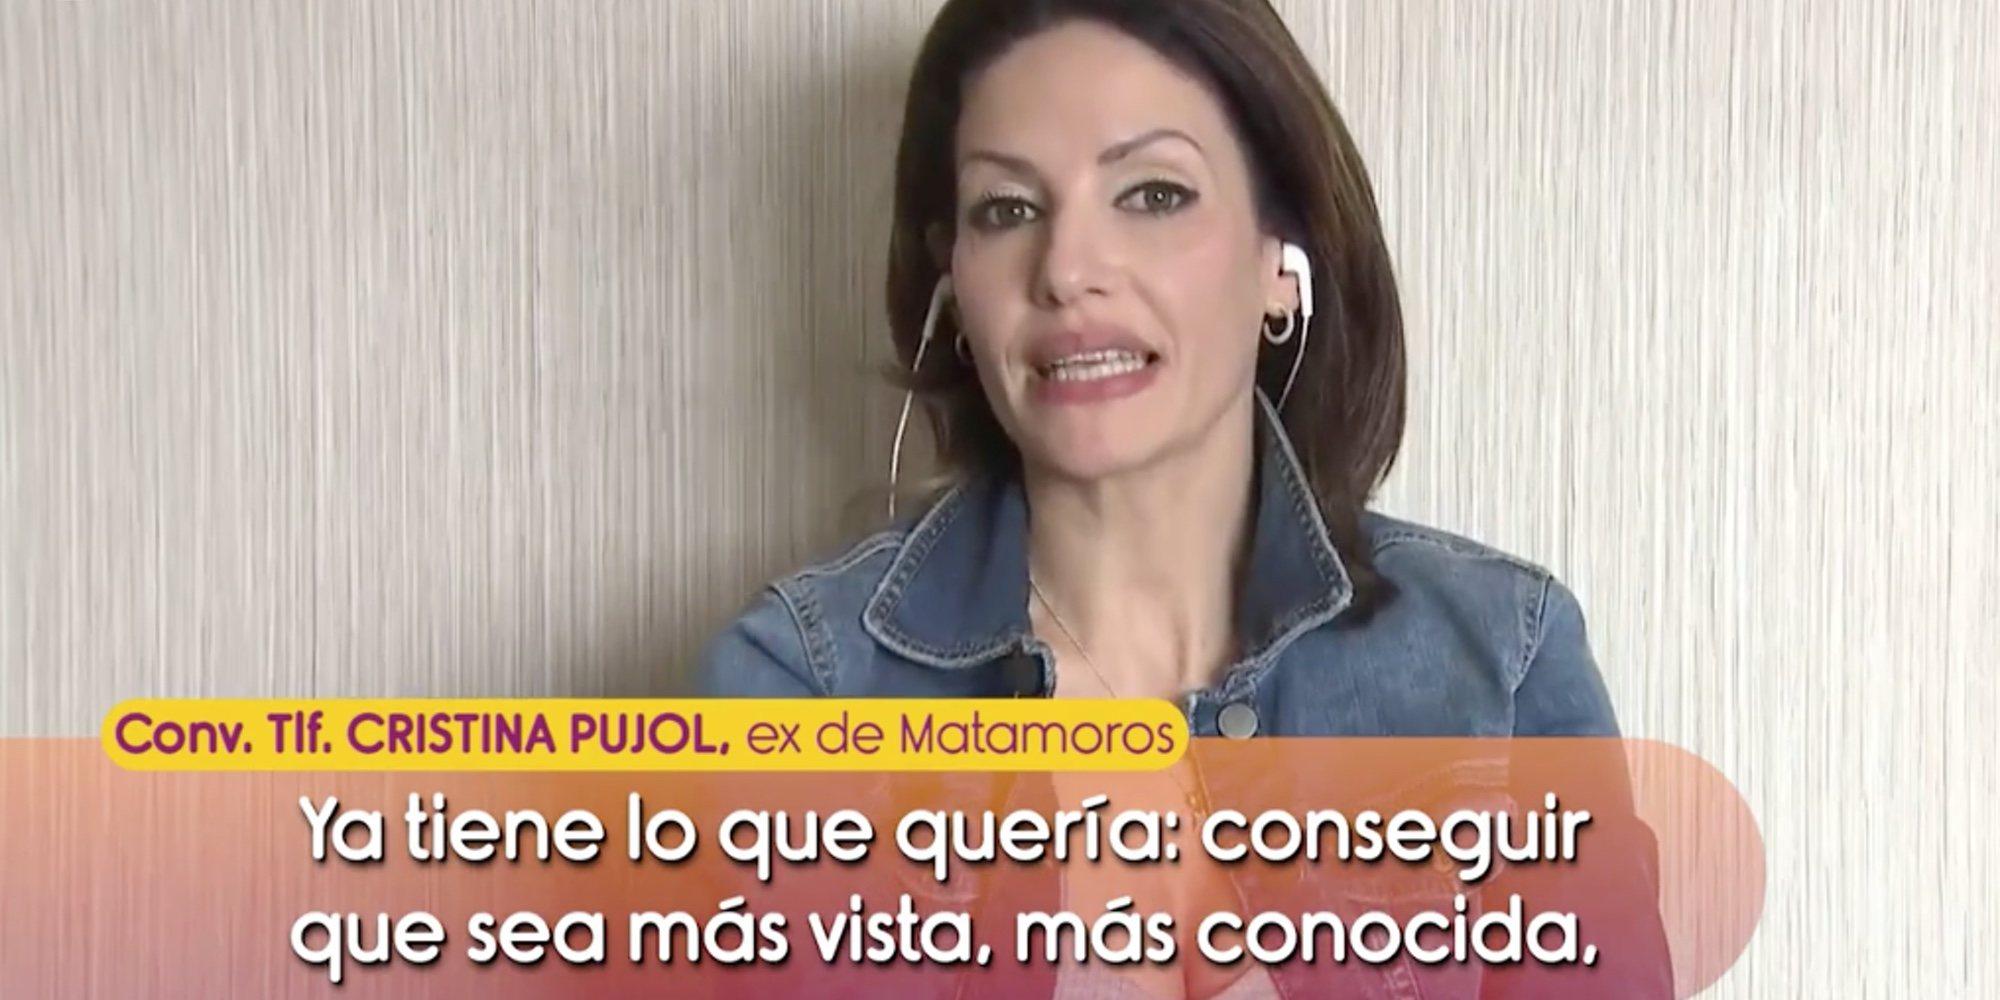 """Cristina Pujol, ex de Kiko Matamoros, sentencia a su novia: """"Veo que para lo joven que es, es muy avispada"""""""